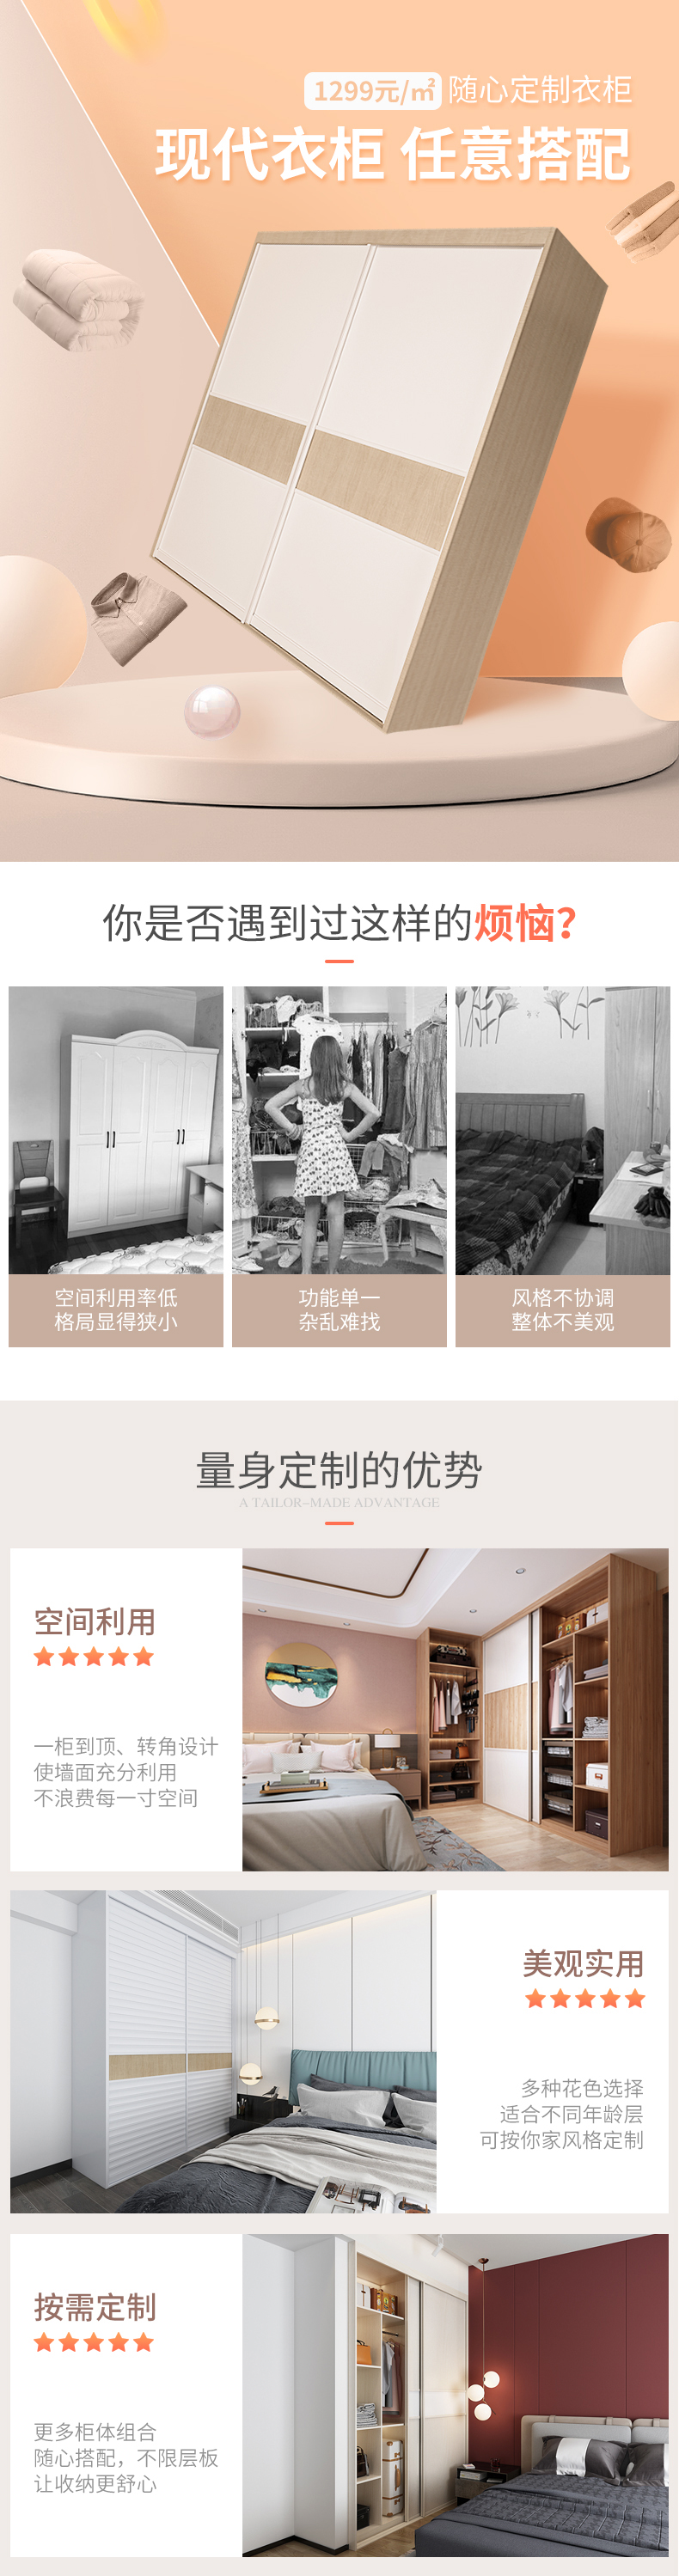 现代普及衣柜单㎡详情页_01.jpg